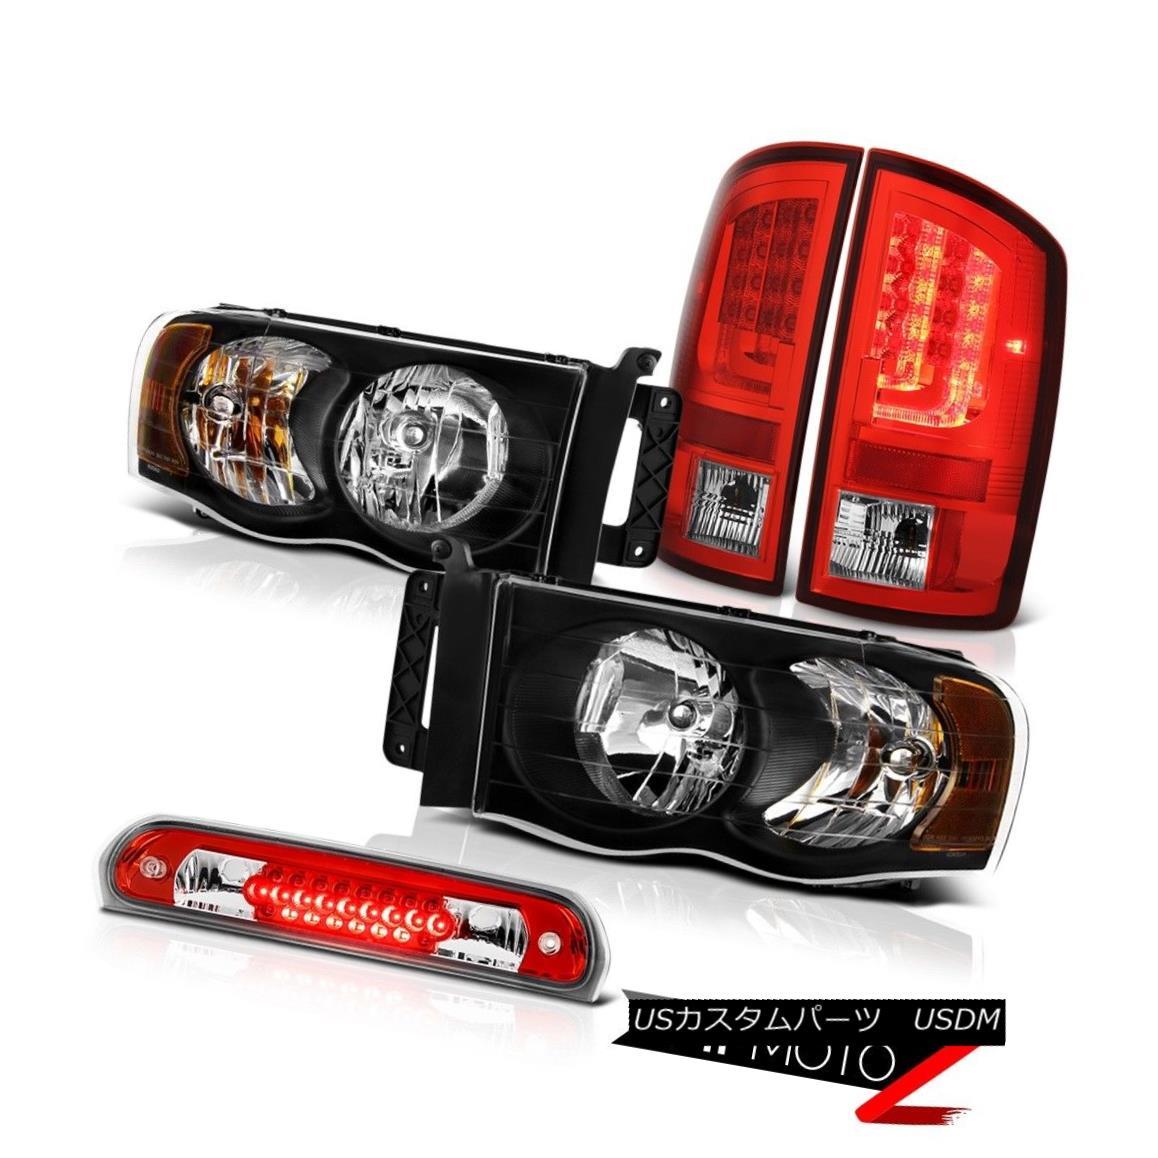 テールライト 02-05 Ram 1500 2500 3500 SLT Red Tail Brake Lights Headlamps Roof Lamp Neon Tube 02-05 Ram 1500 2500 3500 SLTレッドテールブレーキライトヘッドランプルーフランプネオンチューブ